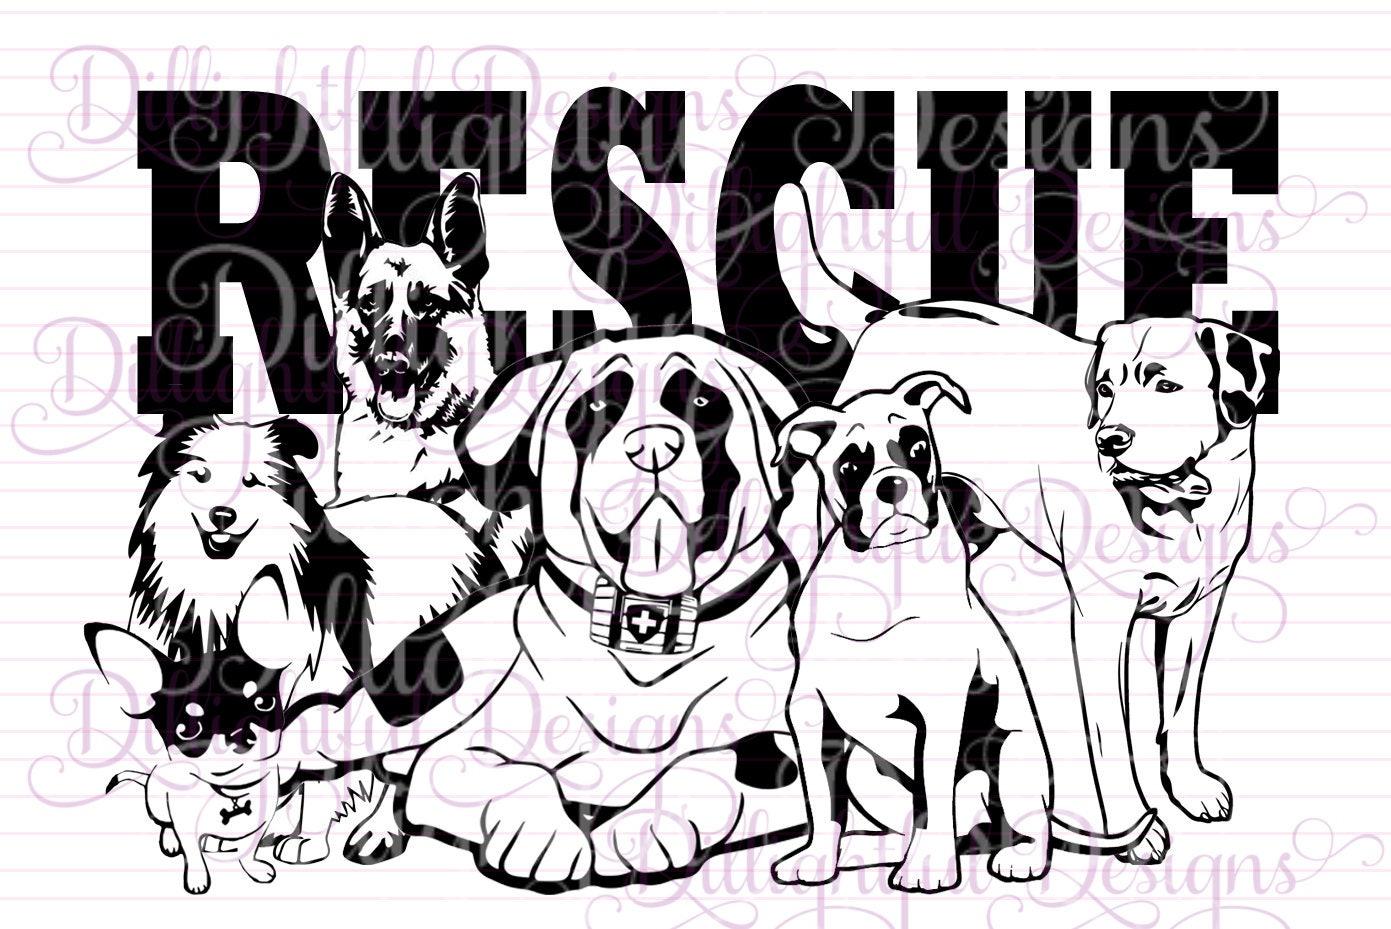 RESCUE Sheltie Animal Rescue Pet Adoption Adopt a DOG svg Decal